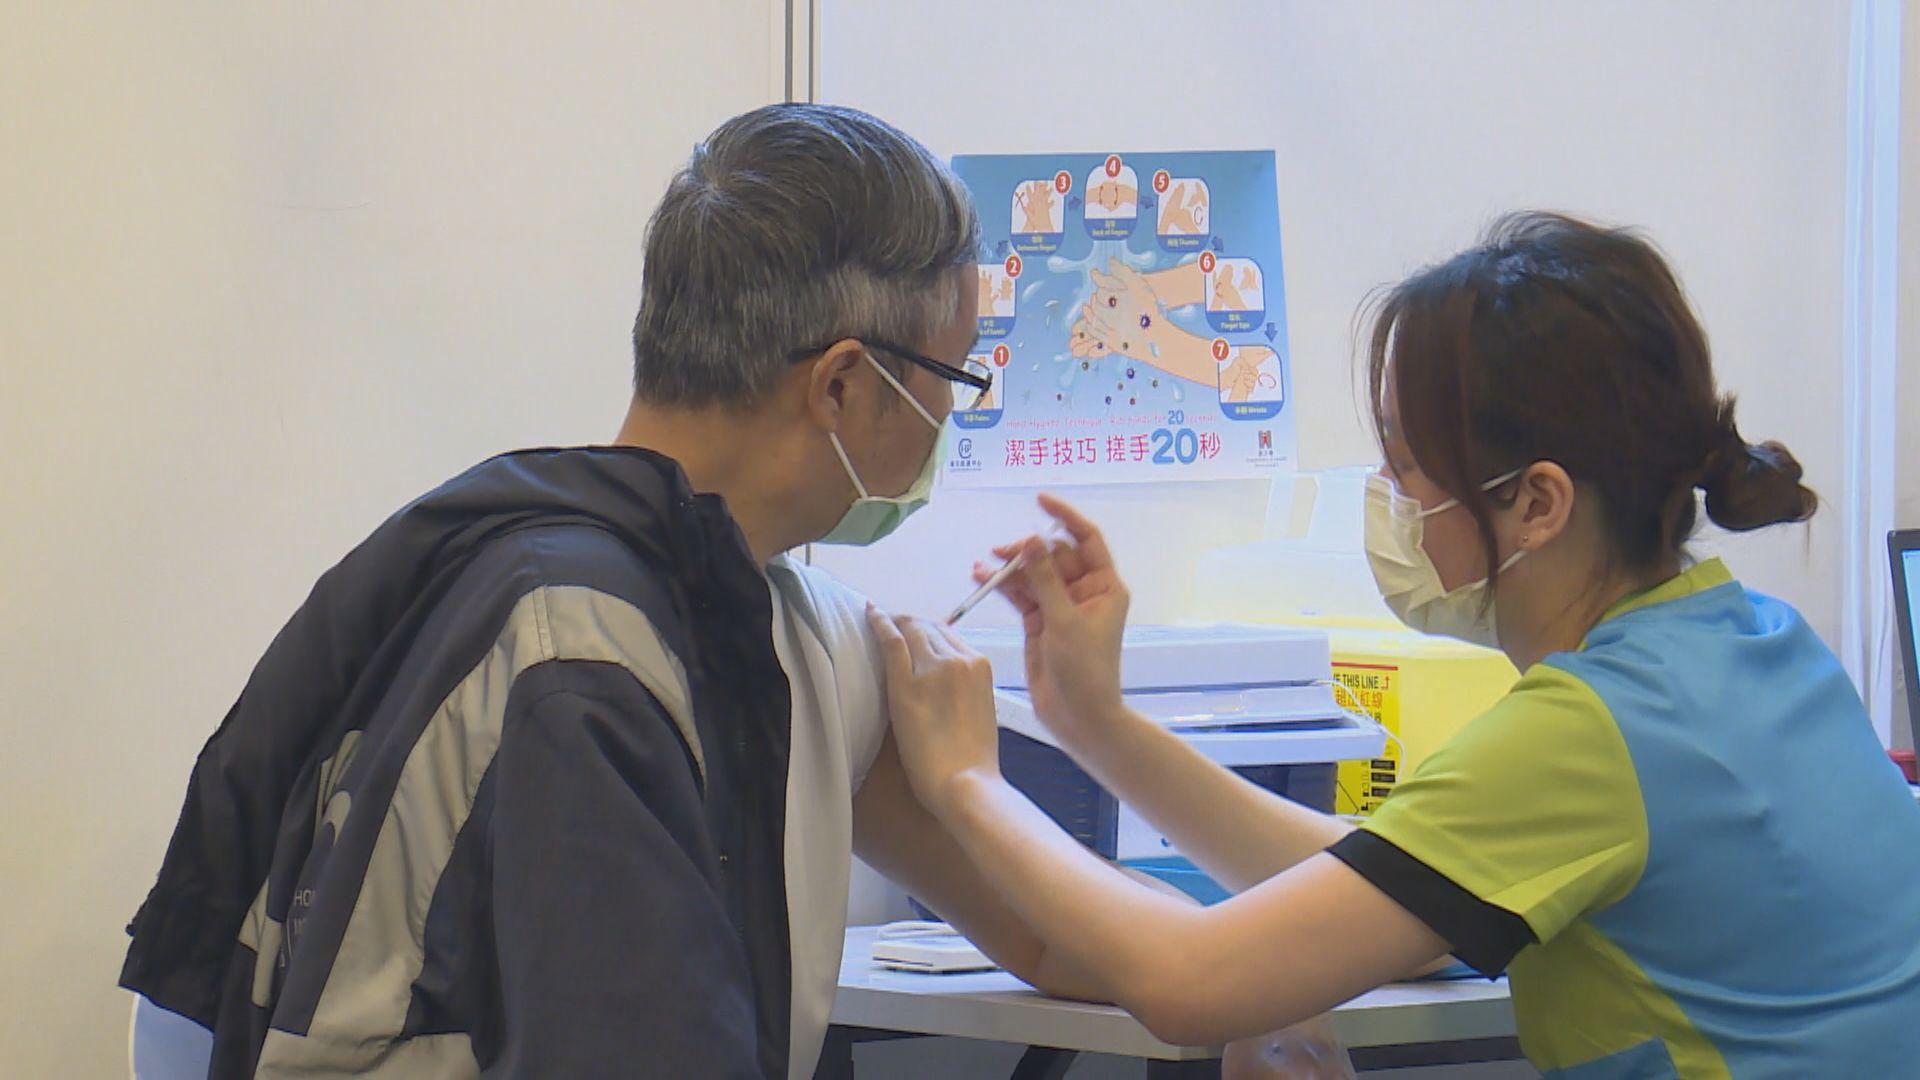 【即日焦點】專家:接種復必泰第二針身體反應較大 56歲以上近四成頭痛;12港人案8人返港續扣押 大部分家屬未獲安排會面